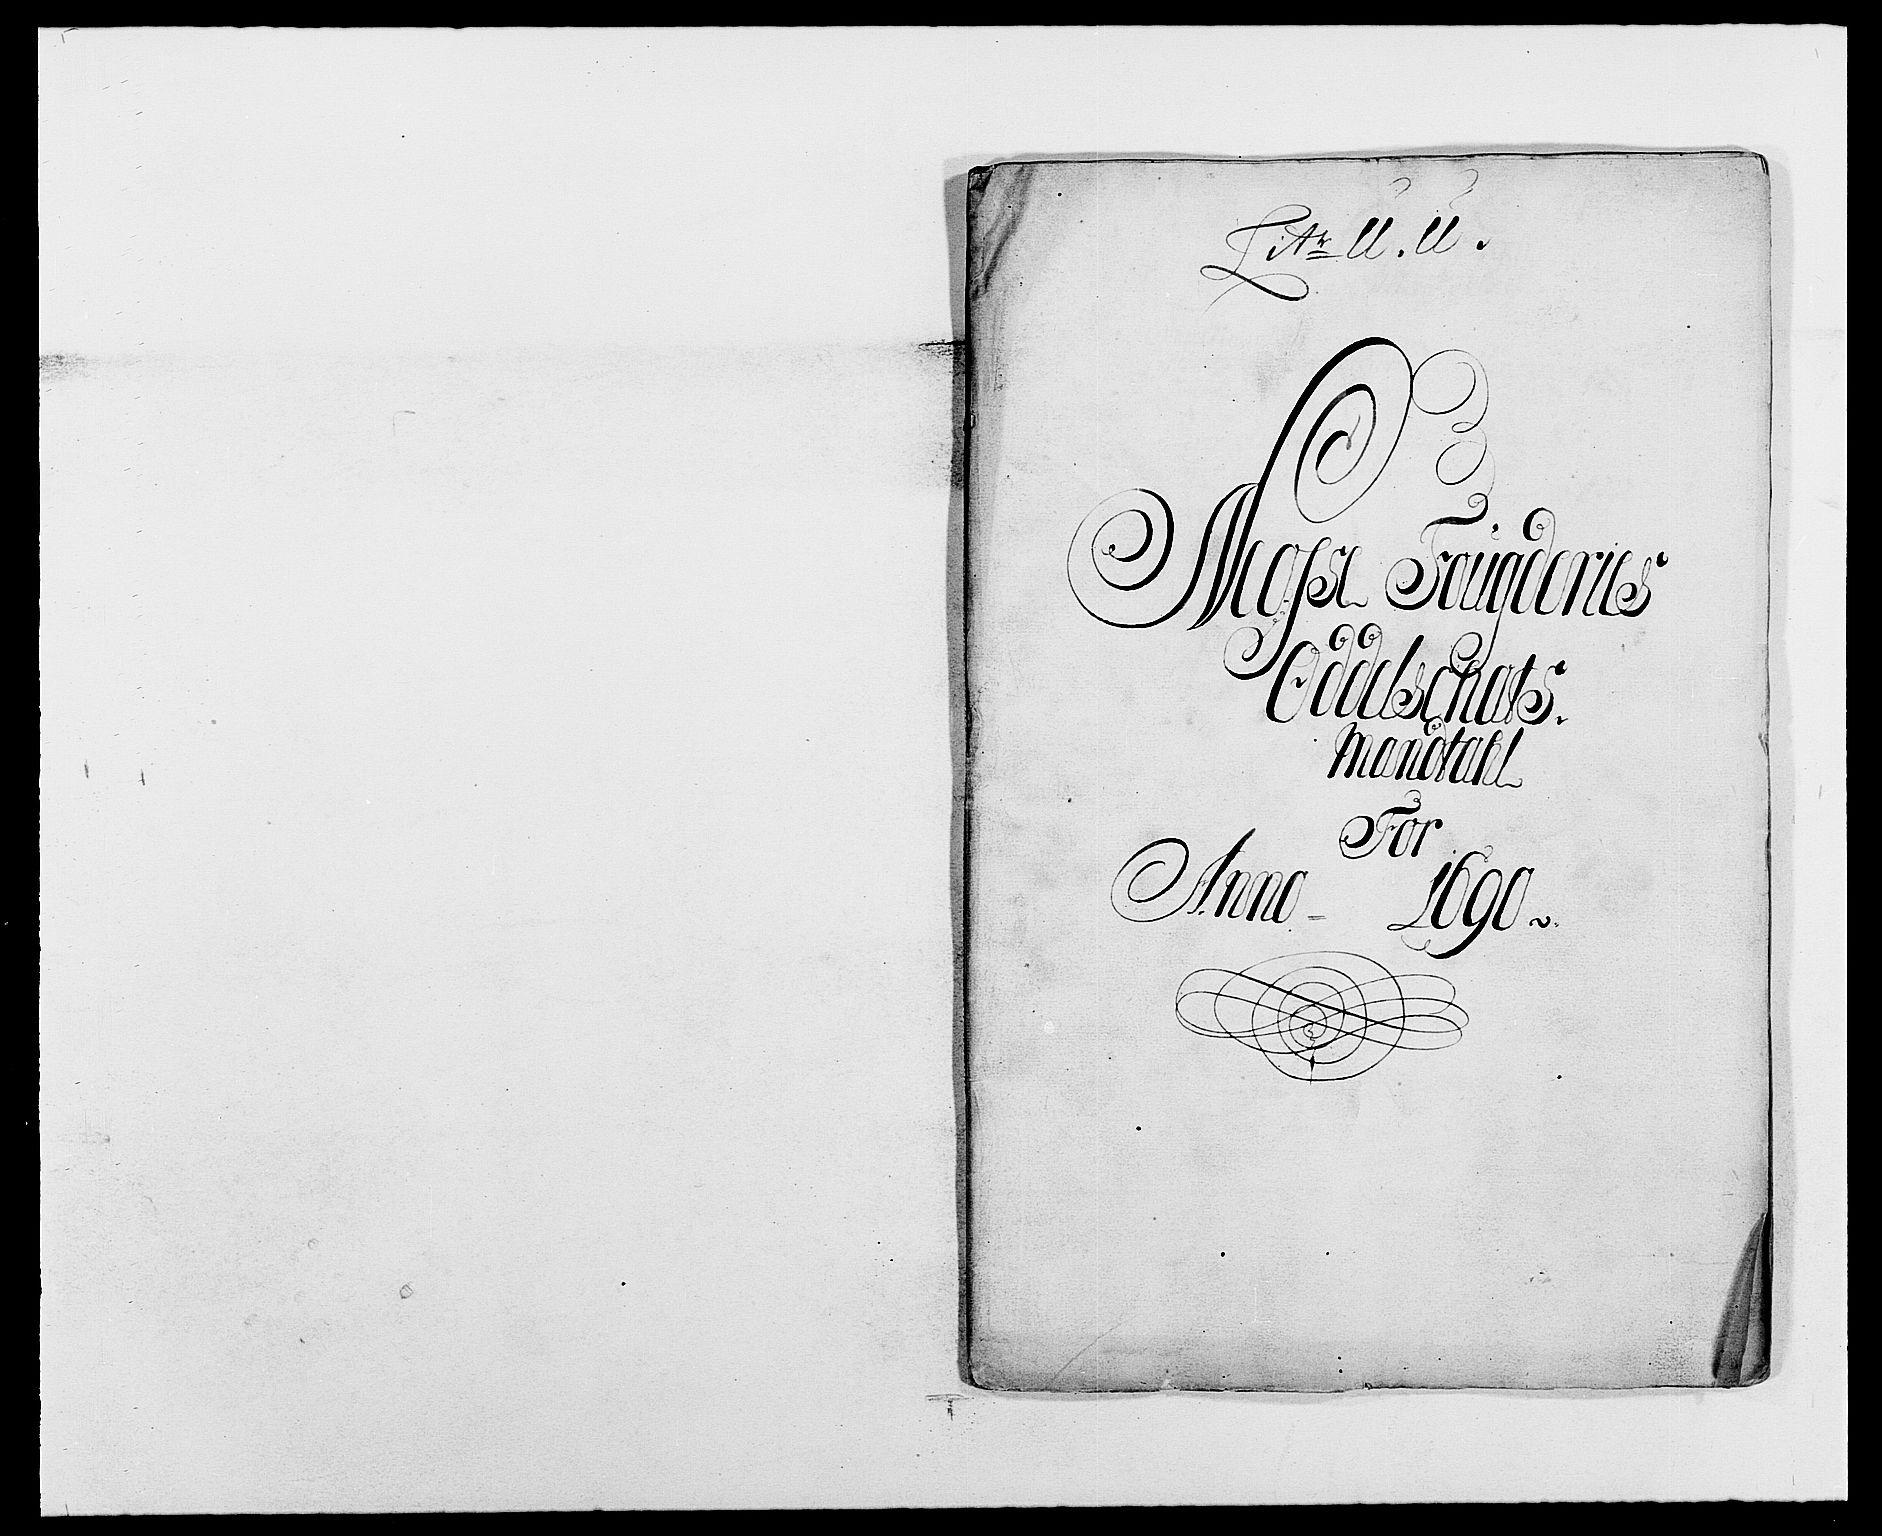 RA, Rentekammeret inntil 1814, Reviderte regnskaper, Fogderegnskap, R02/L0106: Fogderegnskap Moss og Verne kloster, 1688-1691, s. 376